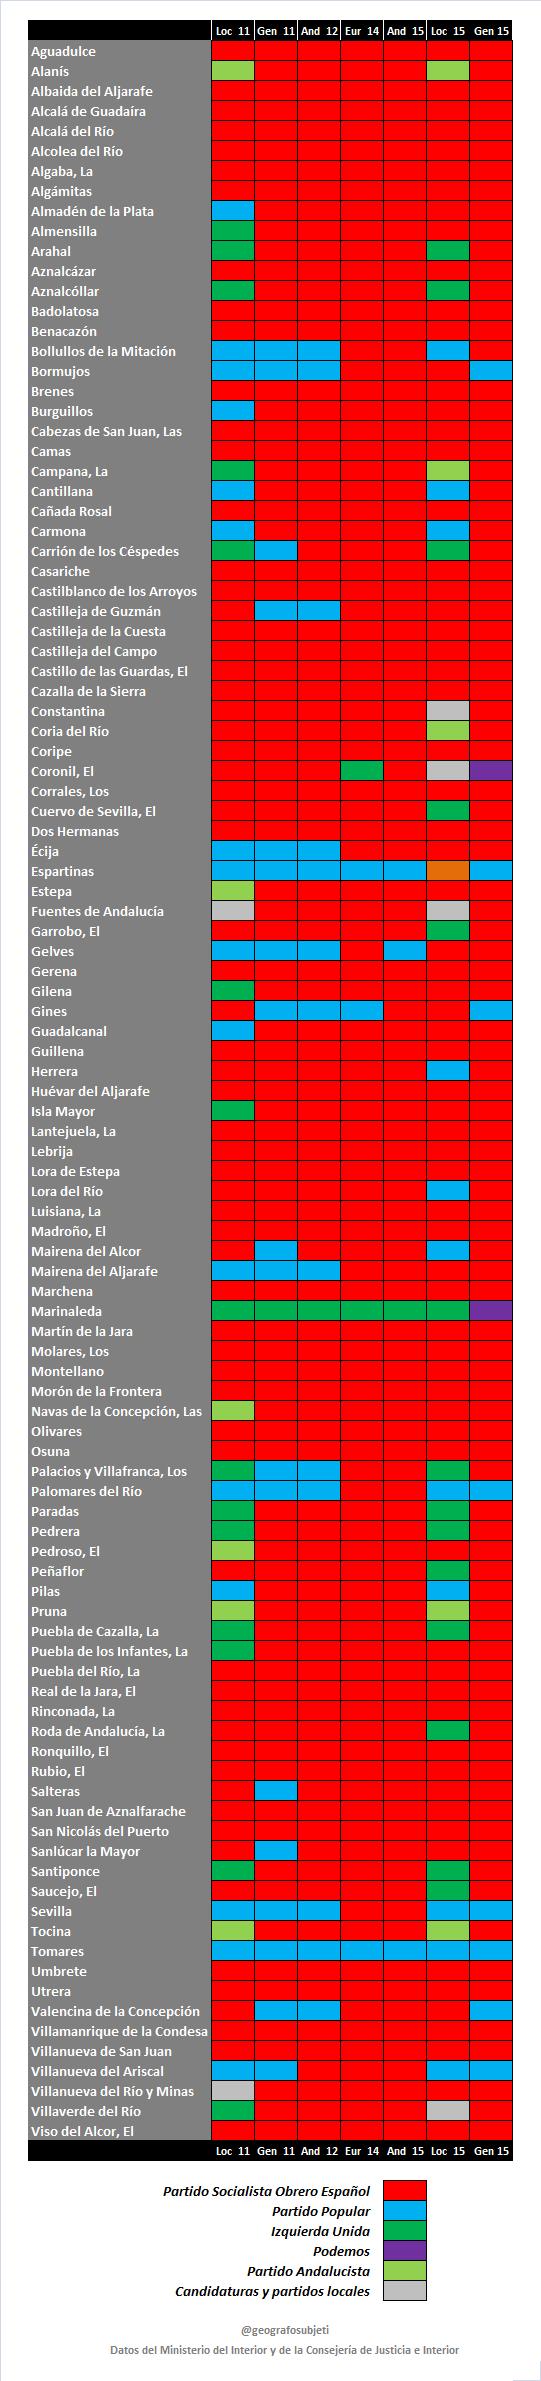 Como votaron en SEV Historico